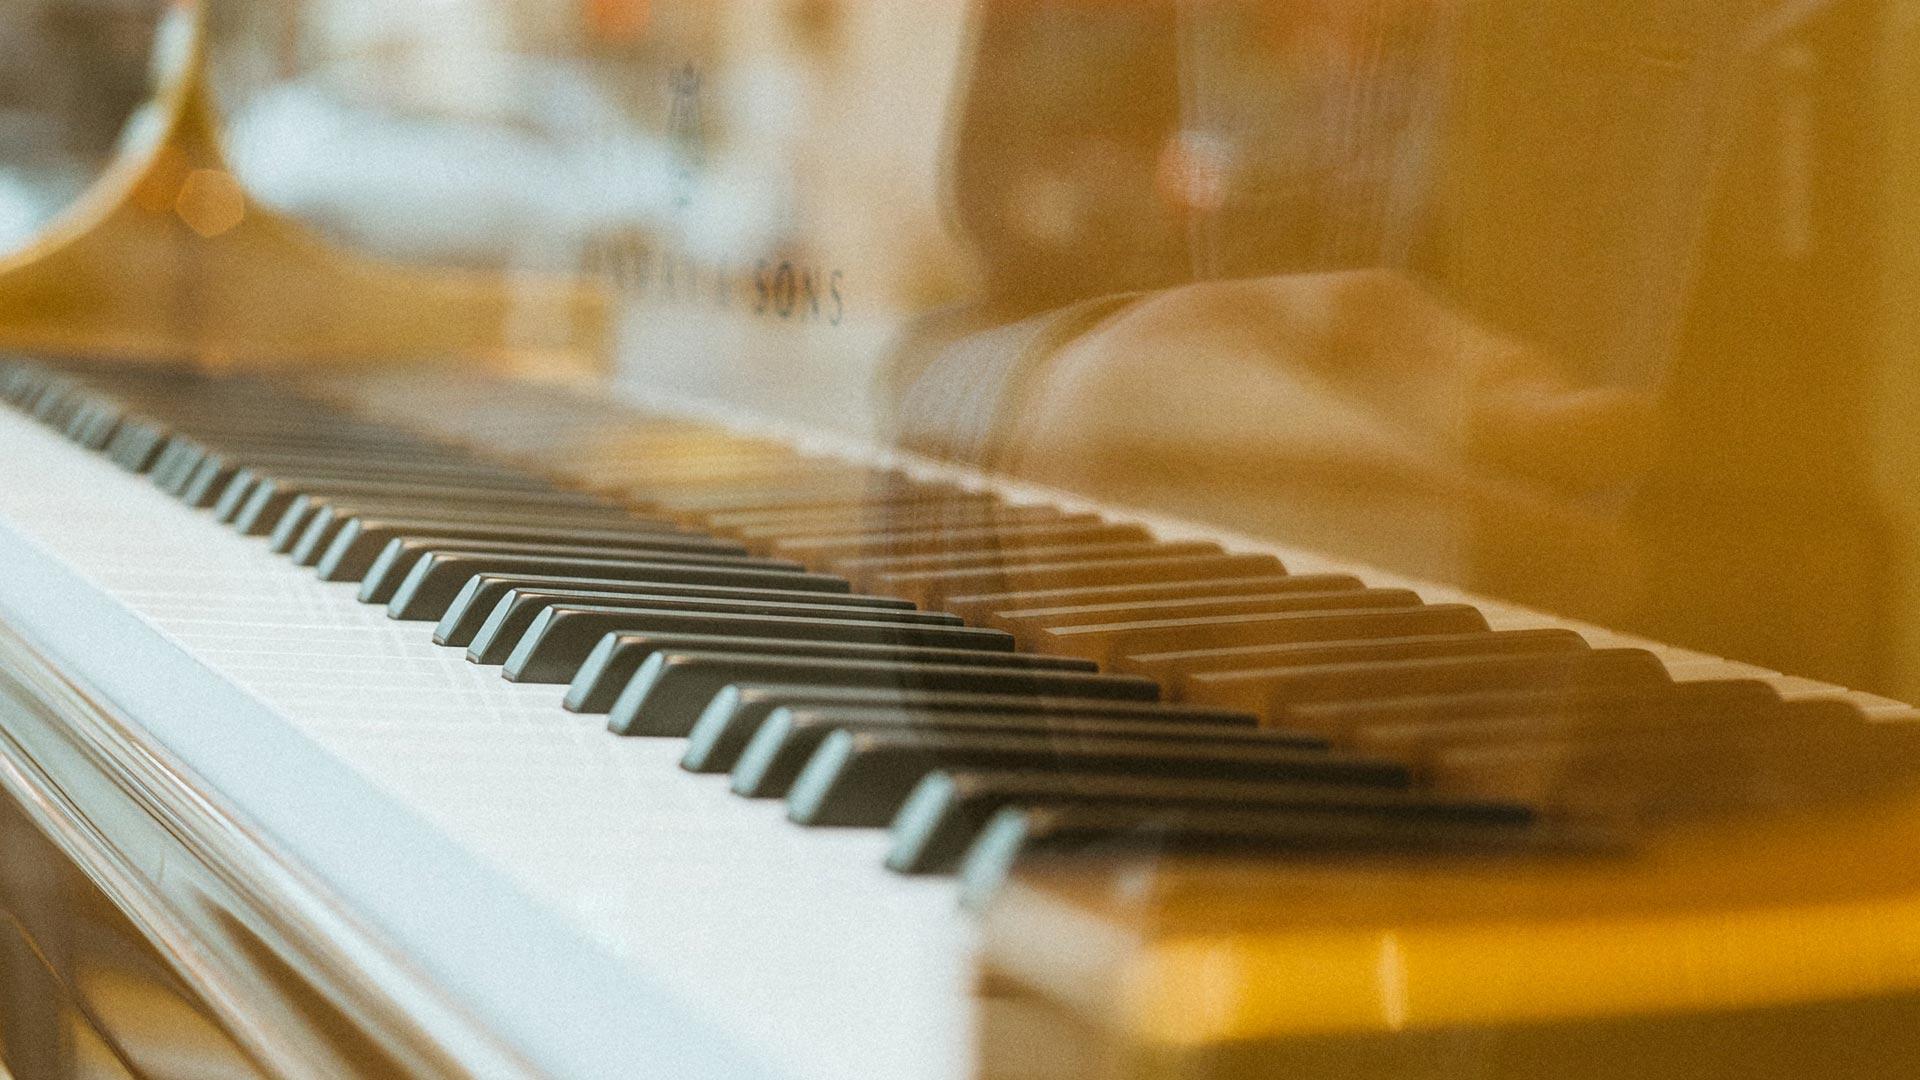 SINFOMAS´19 — Seminários de Música